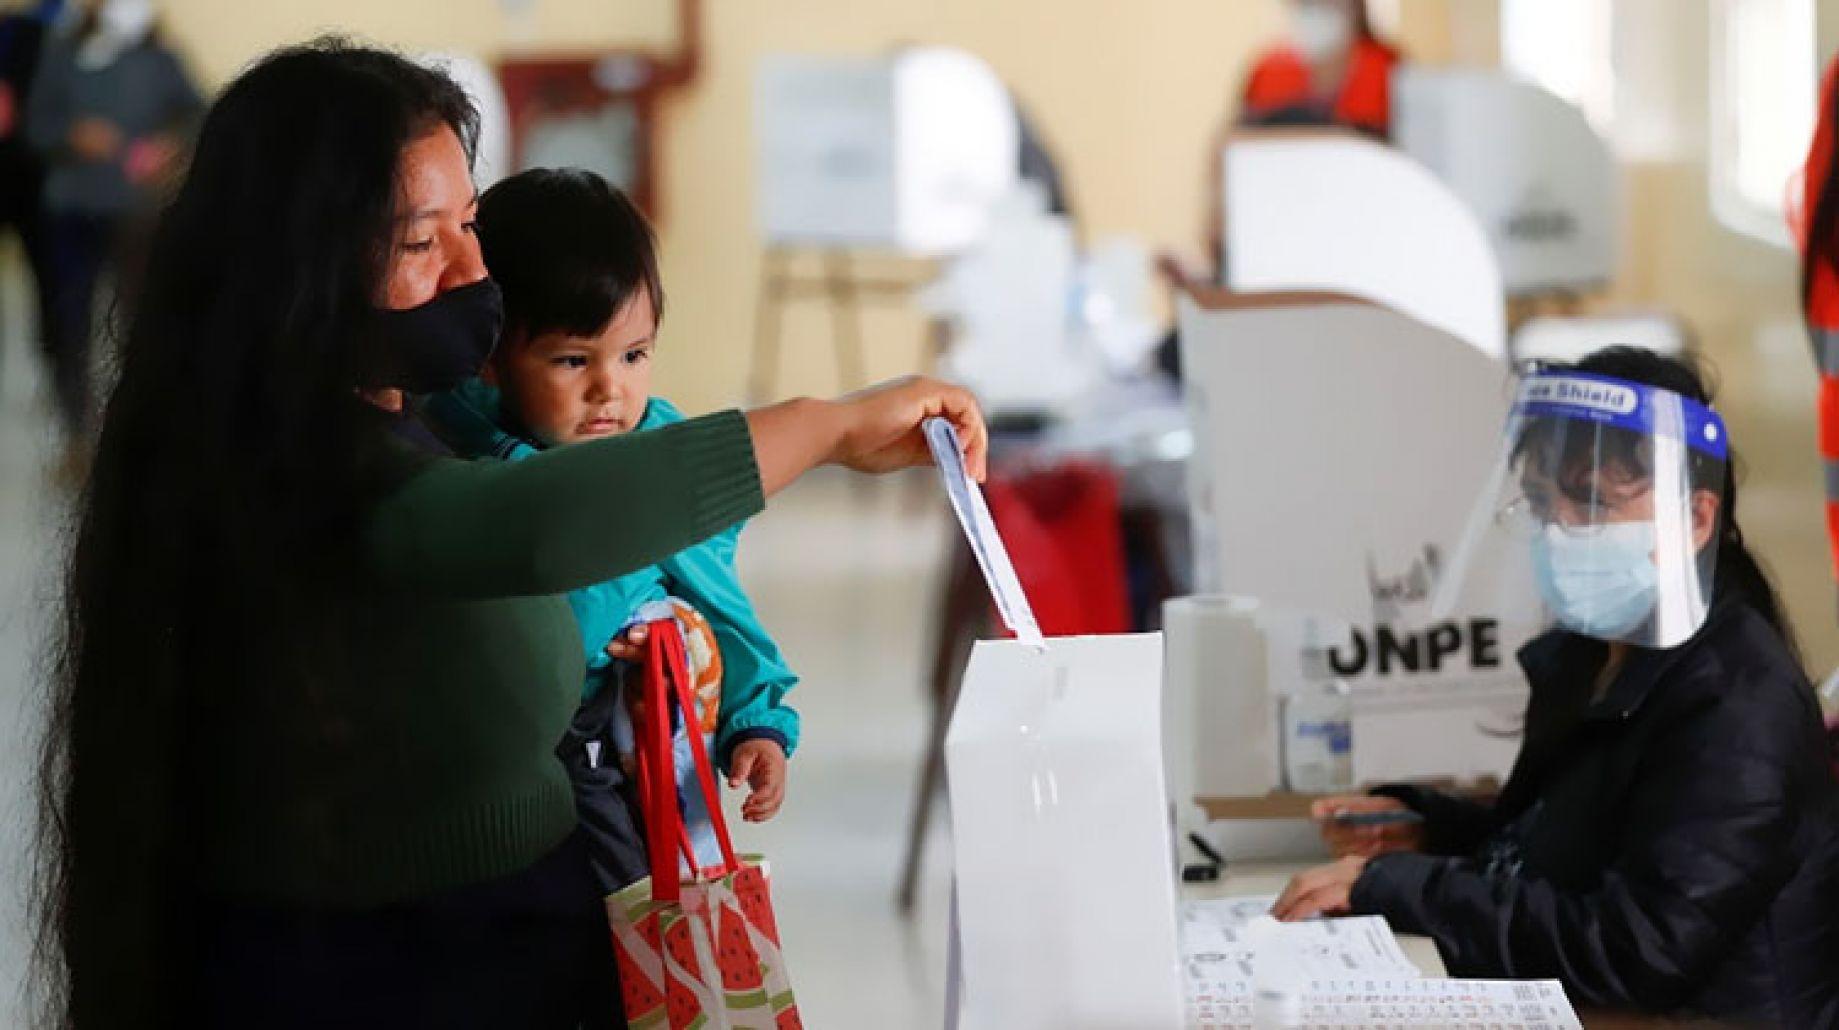 انتخابات بيرو الرئاسية تتجه نحو جولة إعادة في يونيو 4